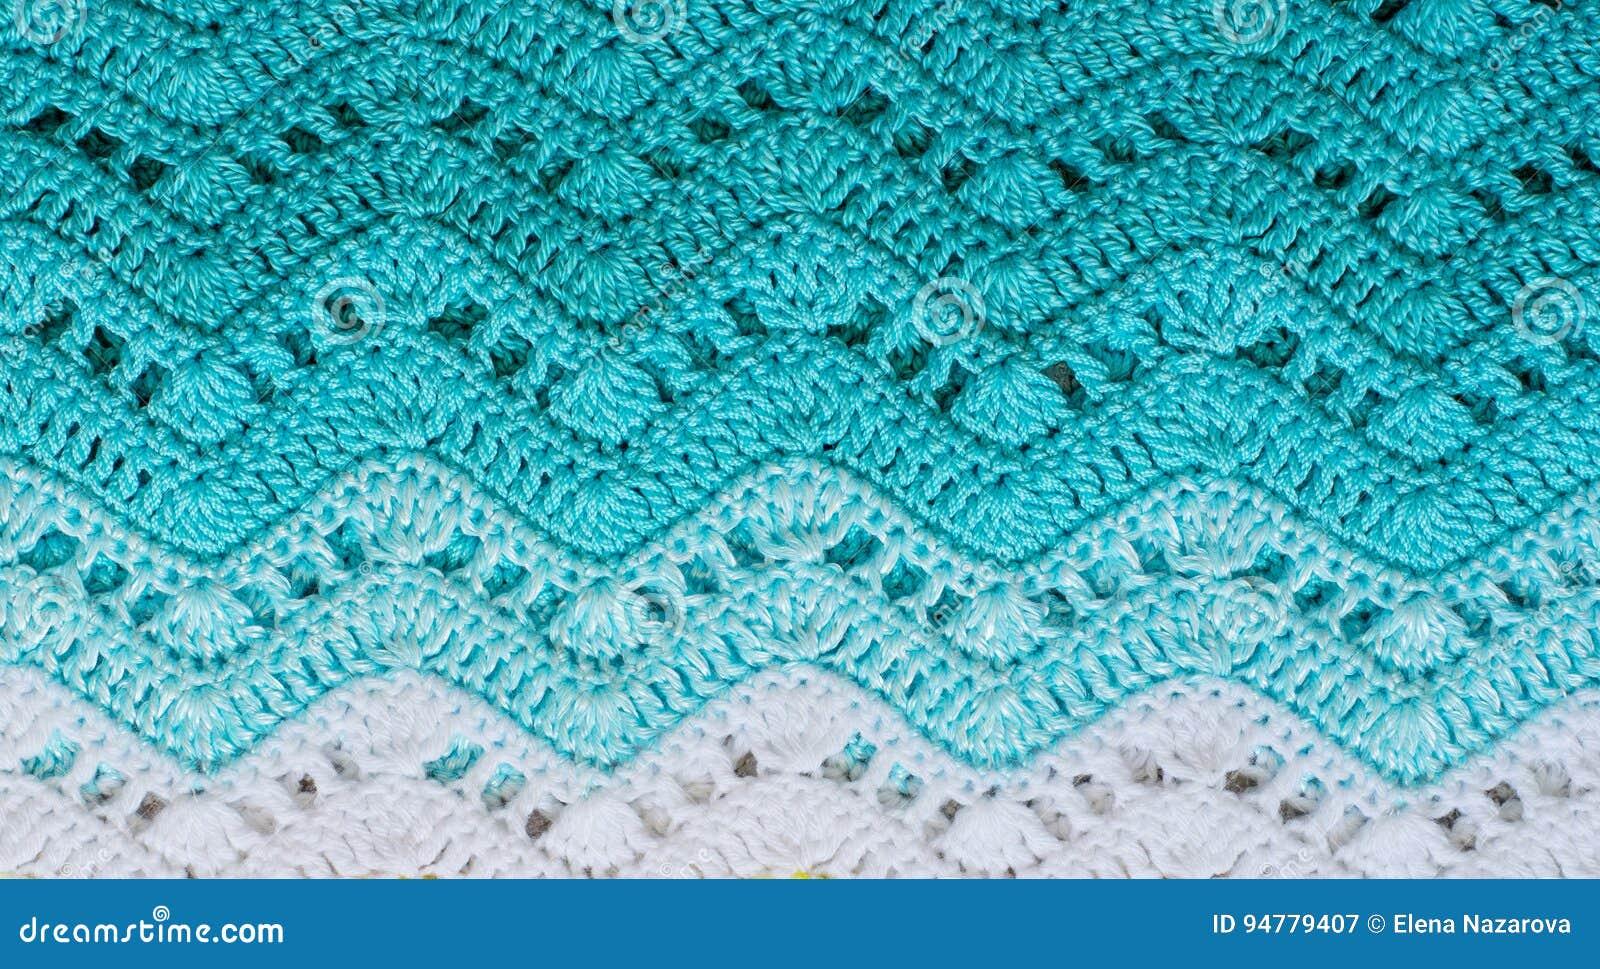 Gewirktes mehrfarbiges Baumwollgewebe in den Türkisfarben streifen